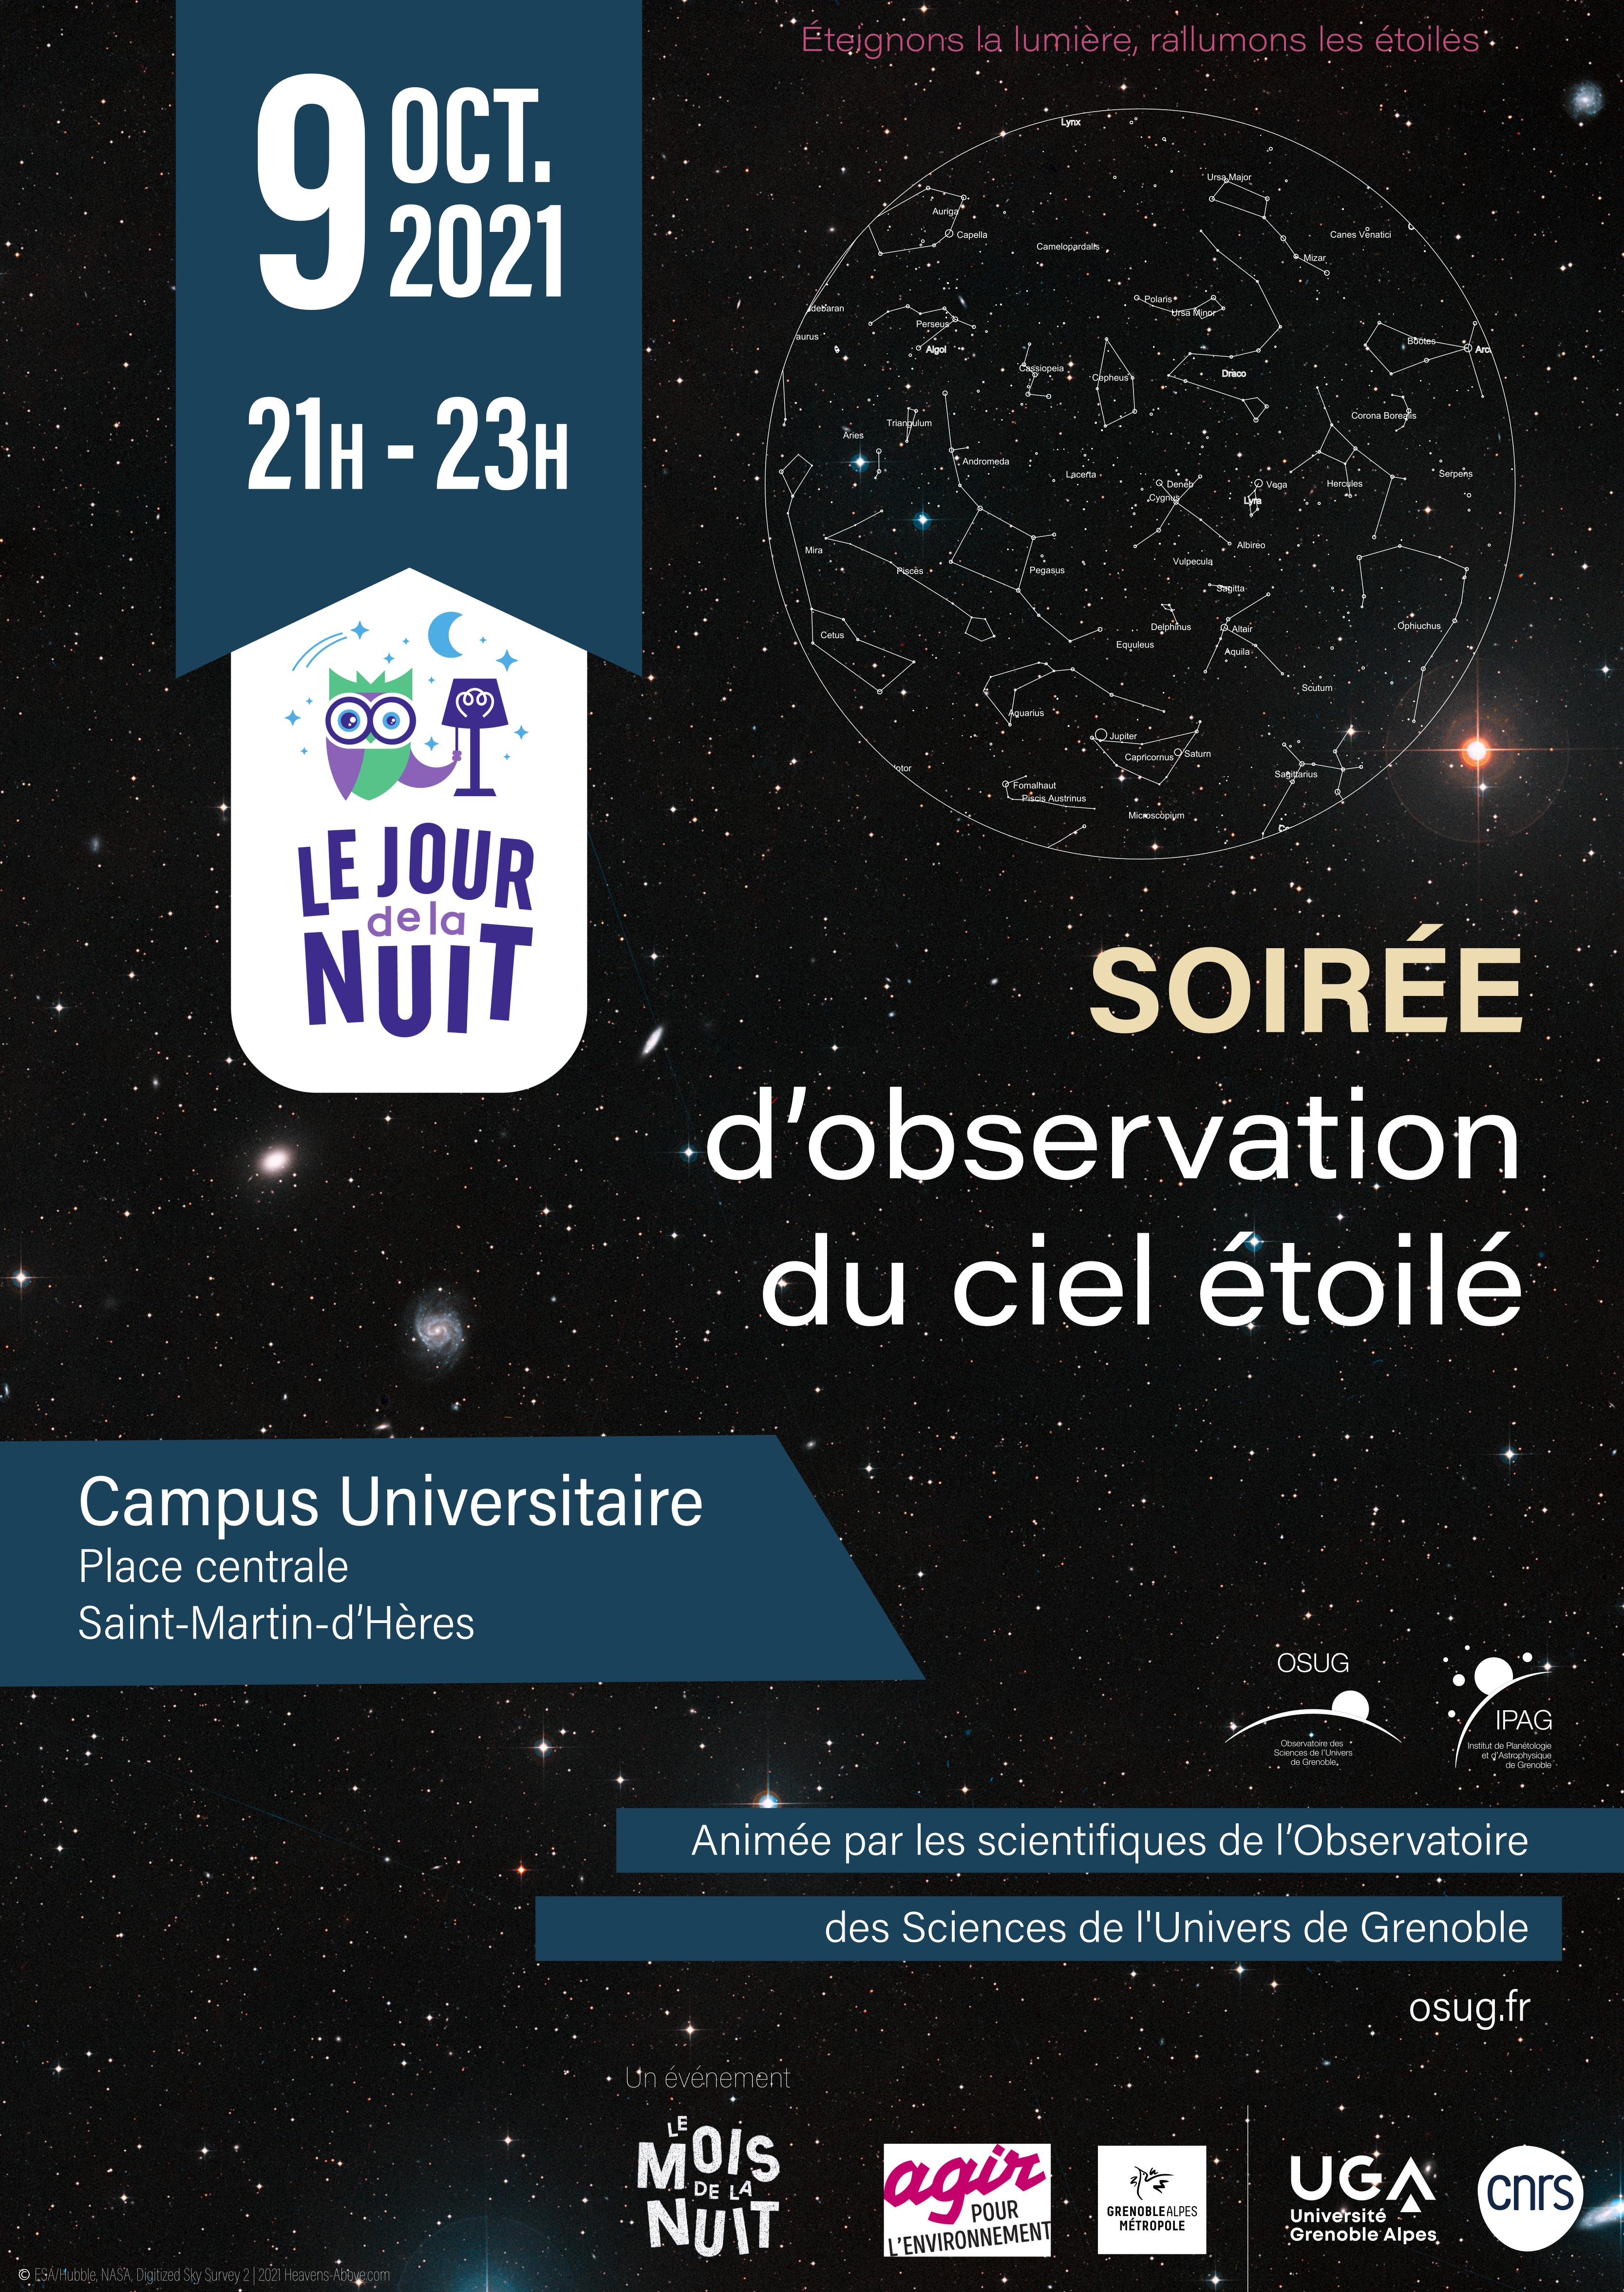 Soirée d'observation du ciel étoilé - Place centrale du campus universitaire